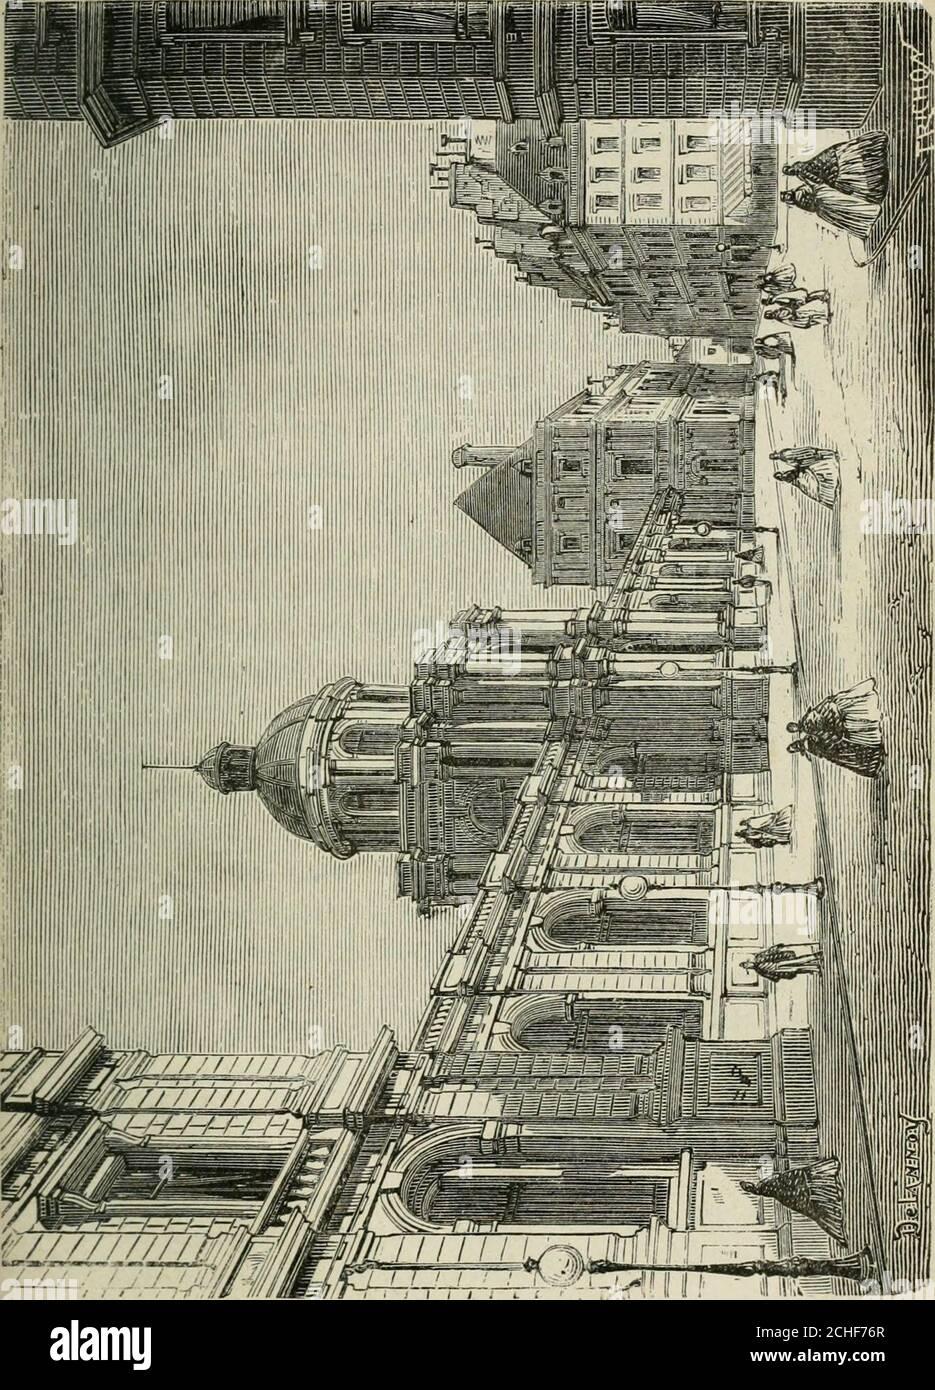 . Les merveilles du nouveau Paris-- . -Royal. Louis XIV le Donna plustard au duc dOrléans, son frère, et depuis cette époque il aété lapanage des Princes du sang. UN incendie détruisit lafaçade en 1763; Louis-Philippe dOrléans, Petit-fils durégent, chargea Moreau de le reconstruire entièrement. Ilfit aussi élever autour du jardrn ces magnifiques galeries oùlindustrie parisienne étale ses plus belles productions dor-fèvrerie et de bijouterie. Les vieux marronniers de Richelieutombaient pour faire place à ces constructions. La façadedonnant sur le jardin devait être édifiée sur un Plan gran-dios Stockfoto